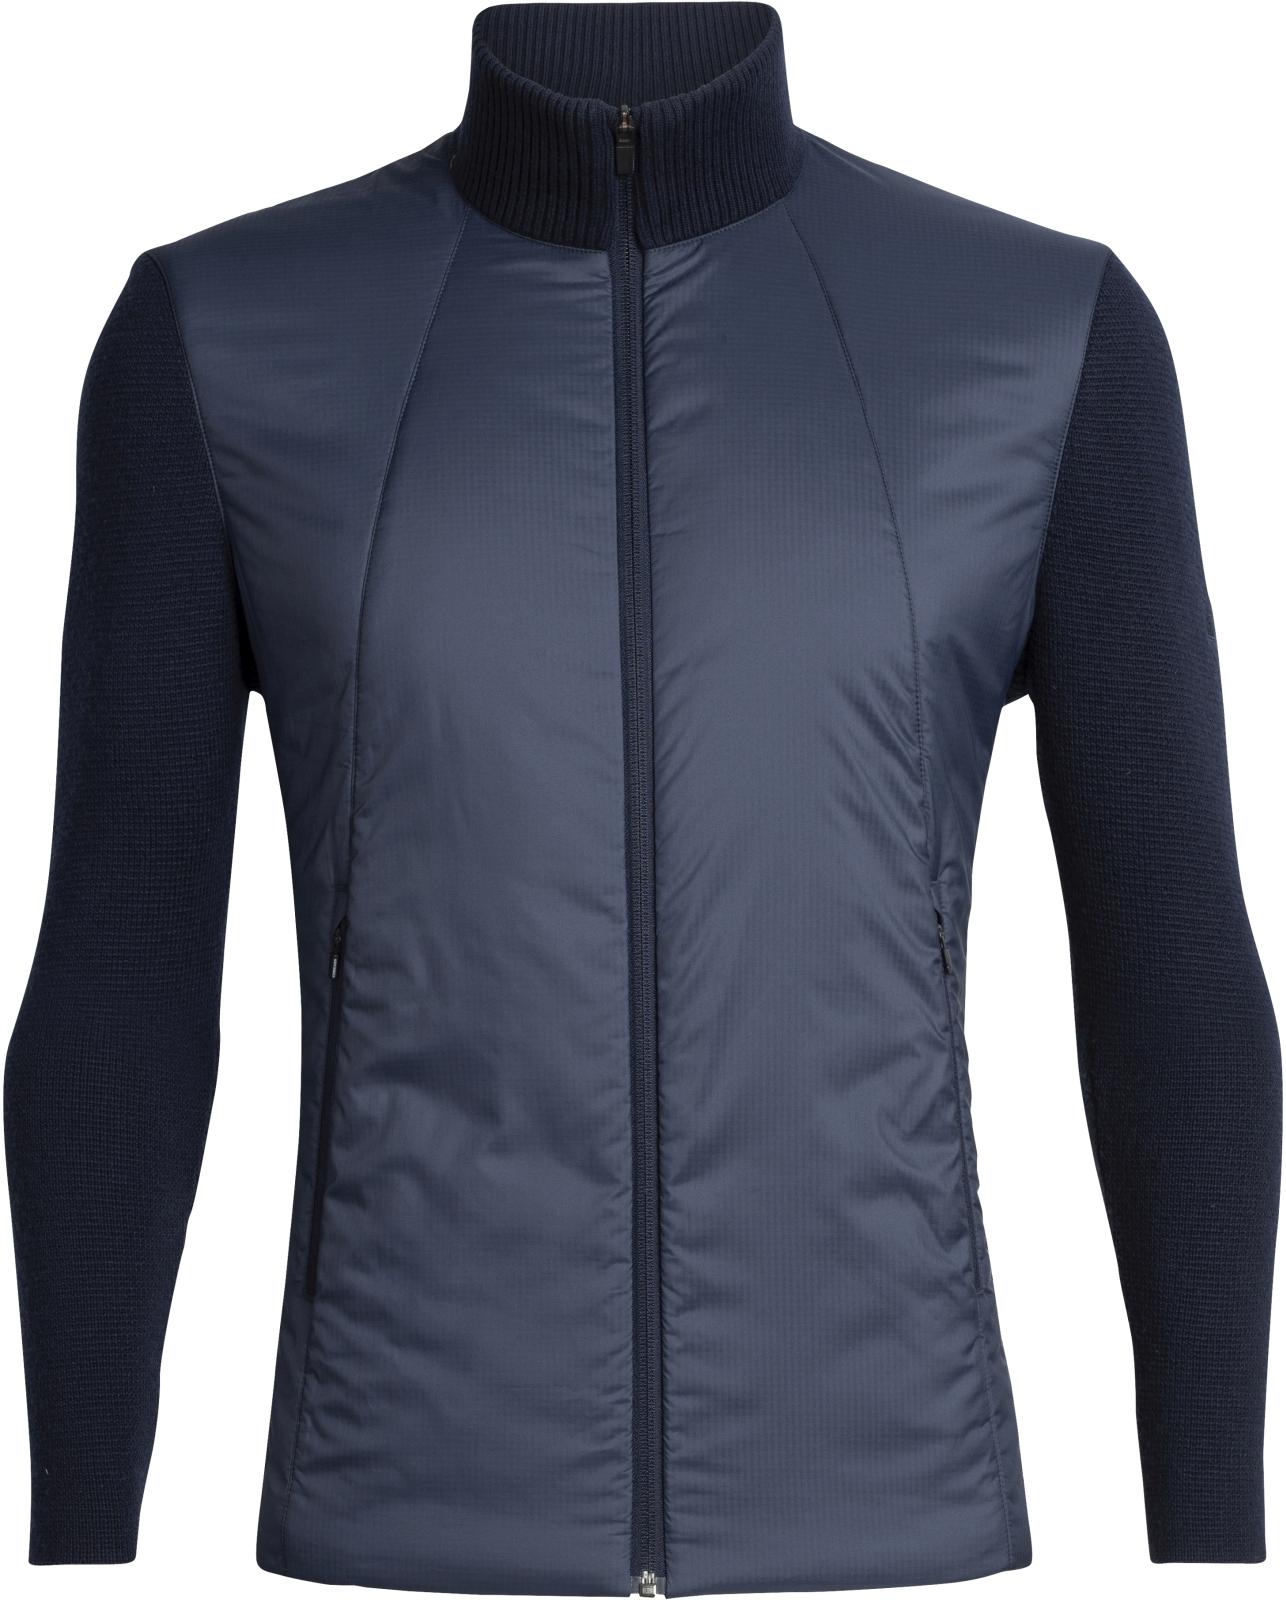 Icebreaker Mens Lumista Hybrid Sweater Jacket - midnight navy L